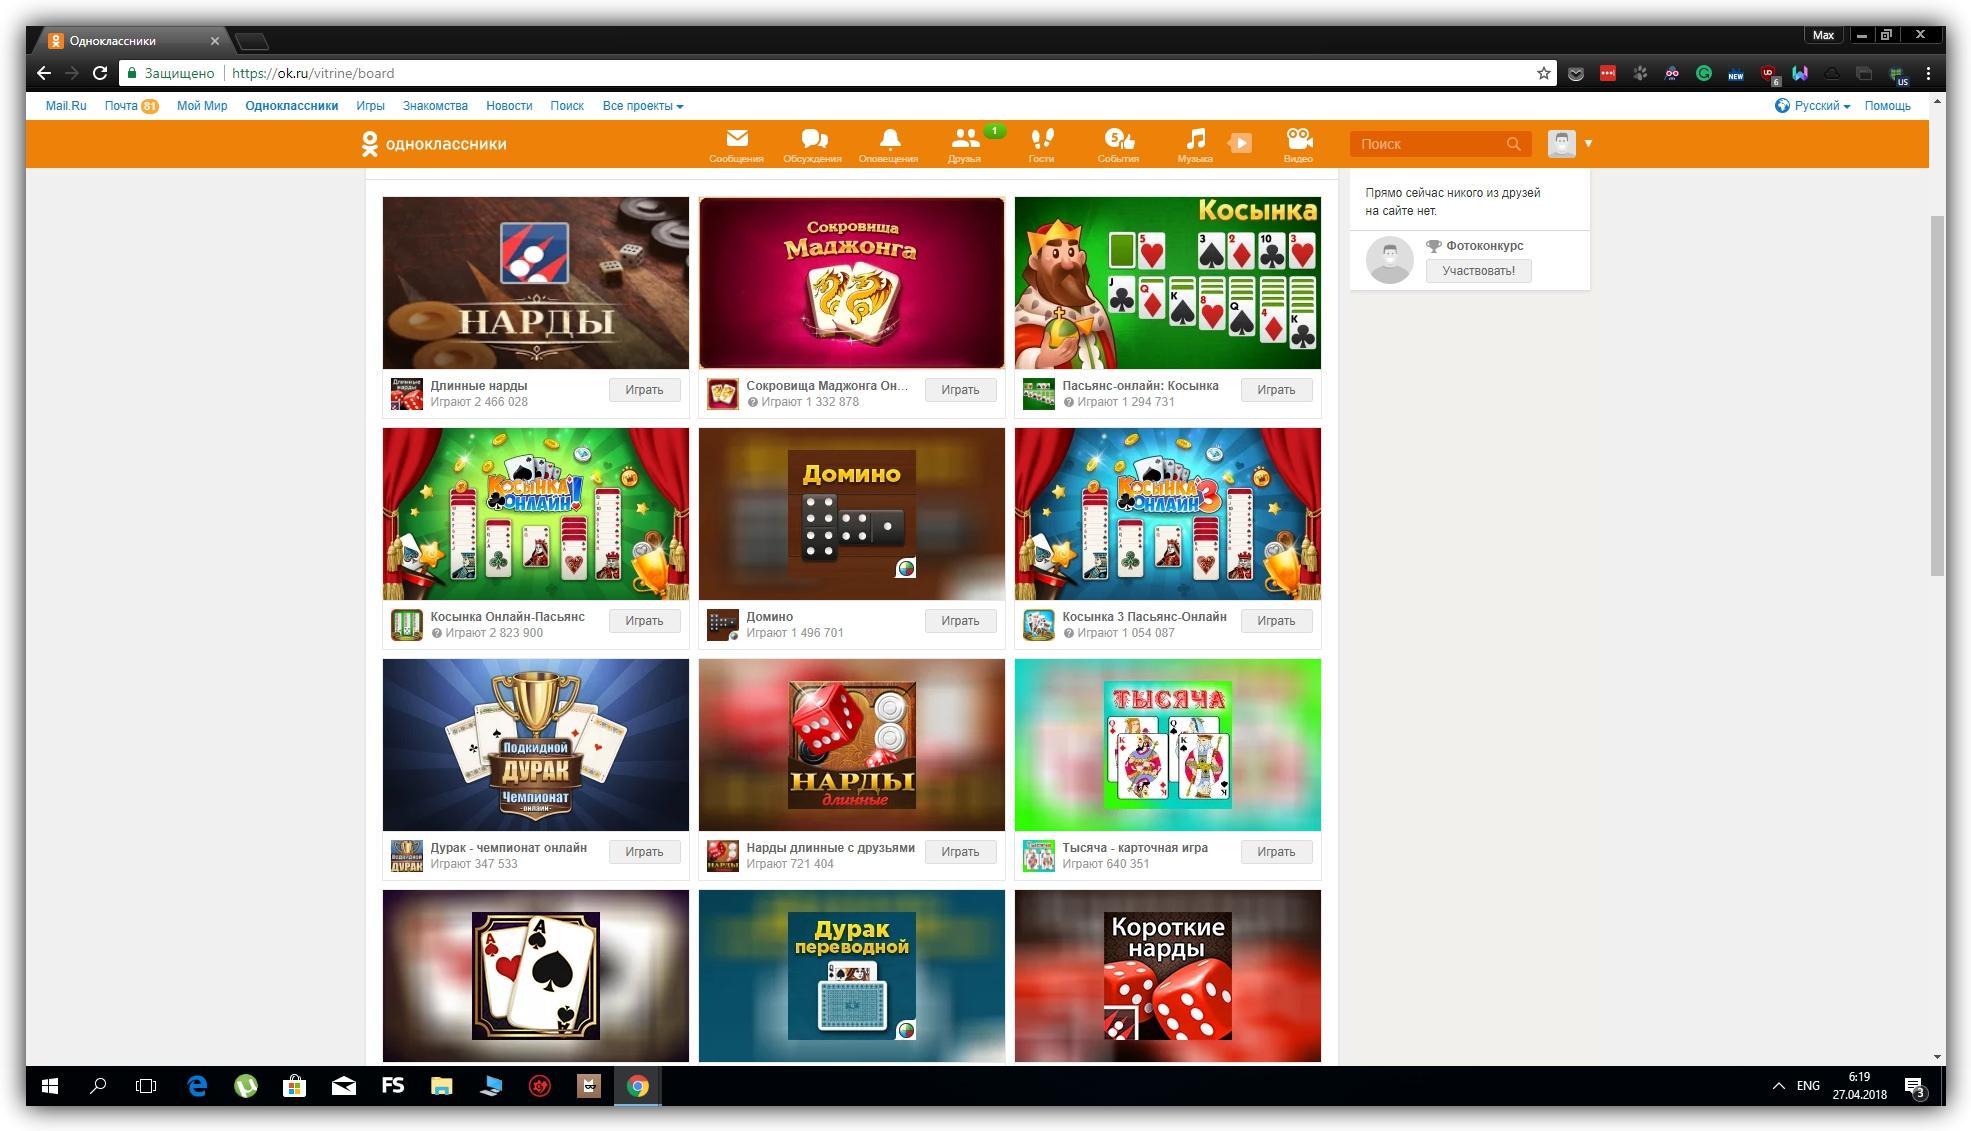 Играть в карты в интернете онлайн игровые автоматы играть бесплатно лягушки